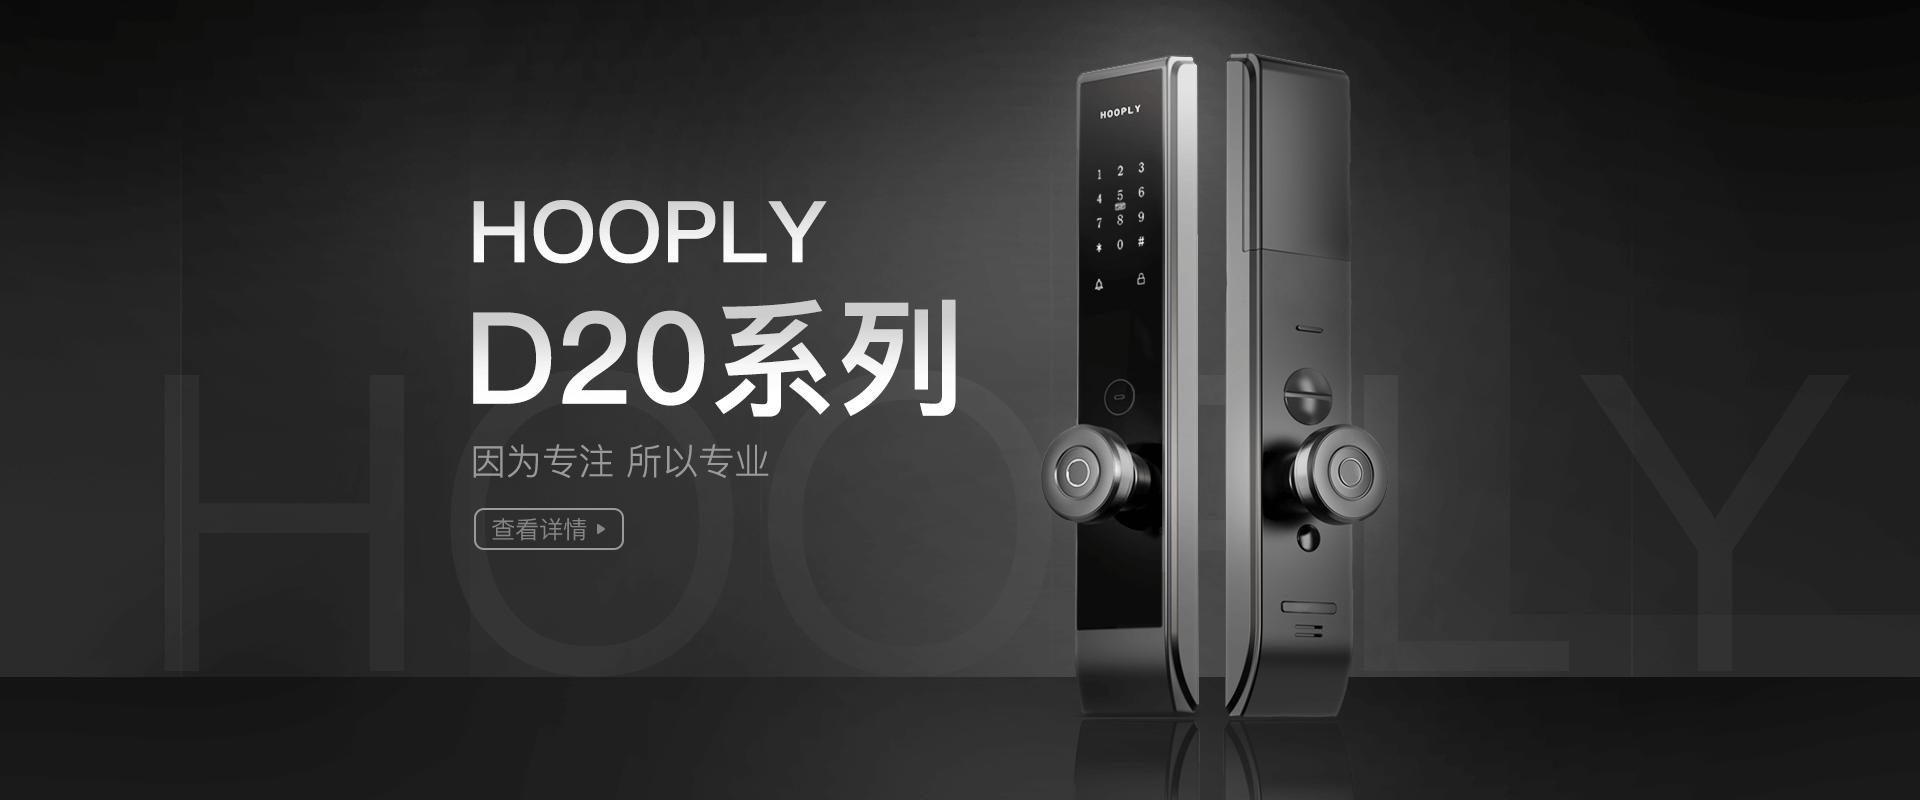 鸿利官网_HOOPLY_提供五金、锁具,智能锁等产品